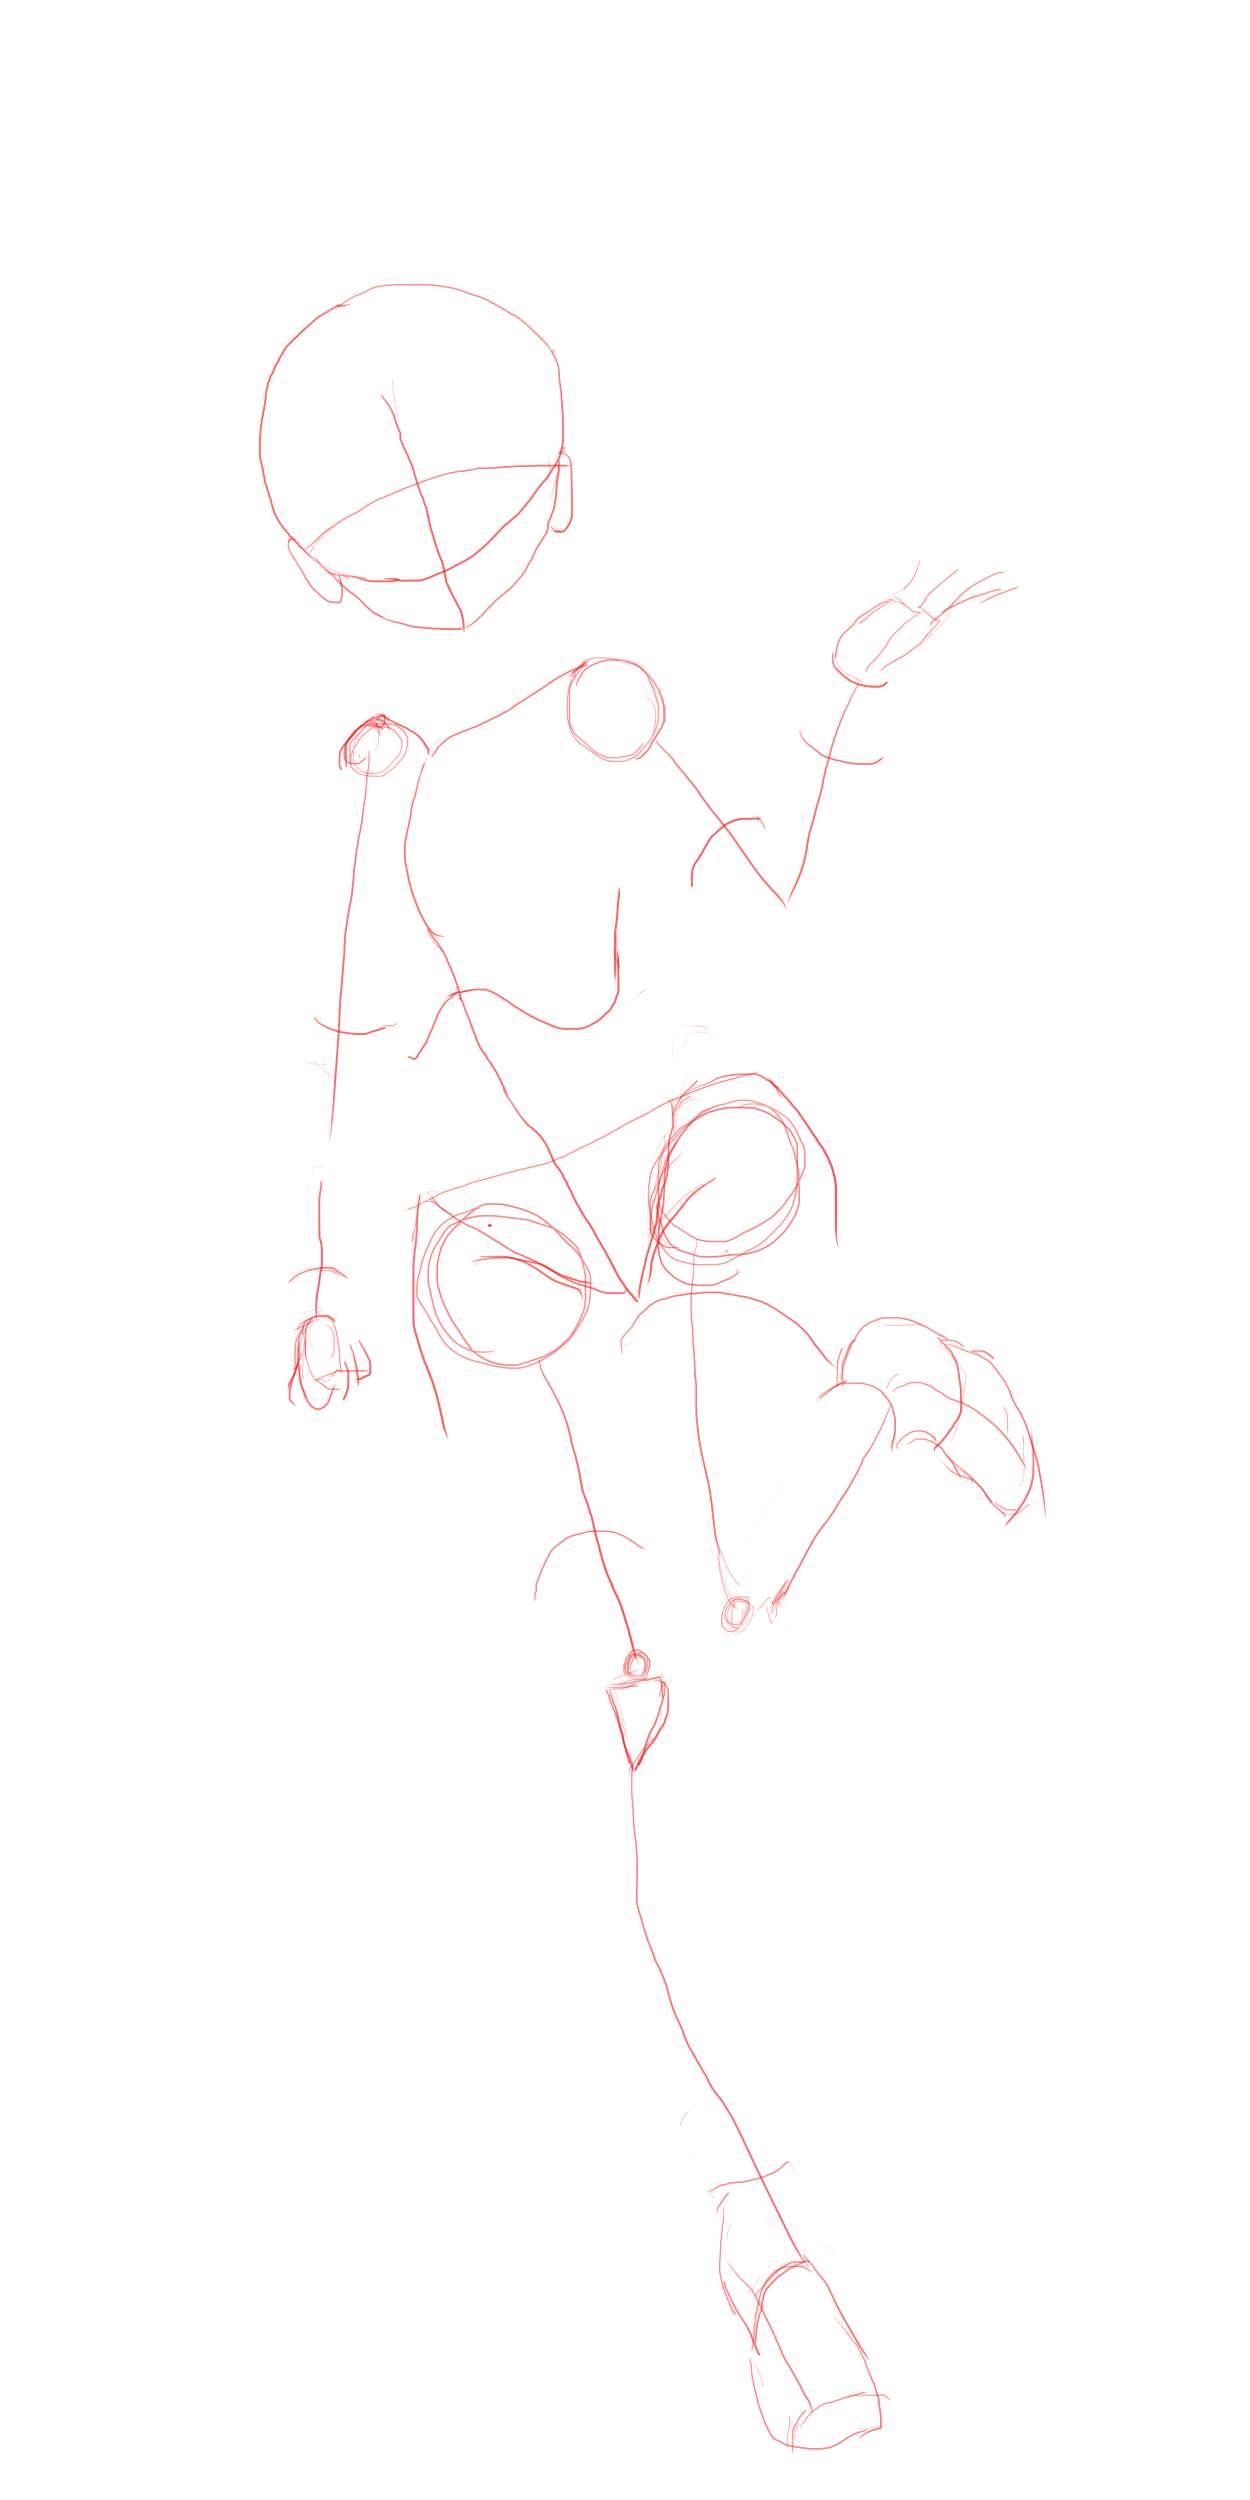 【板绘】自学绘画第二十七天